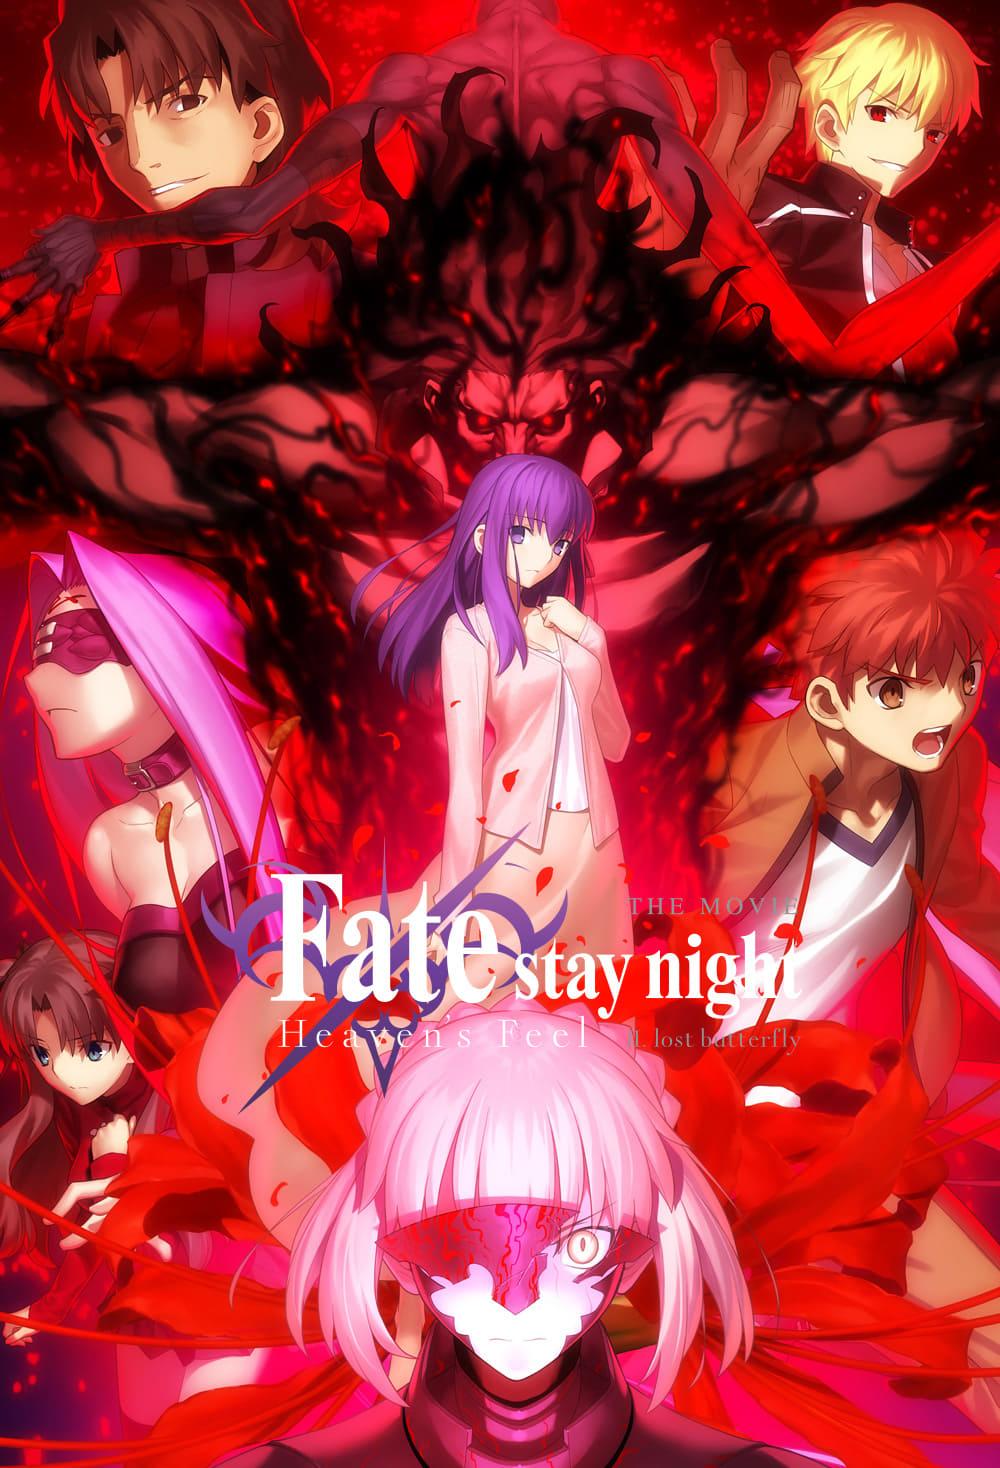 劇場版 Fate/stay night [Heaven's Feel] II. lost butterfly